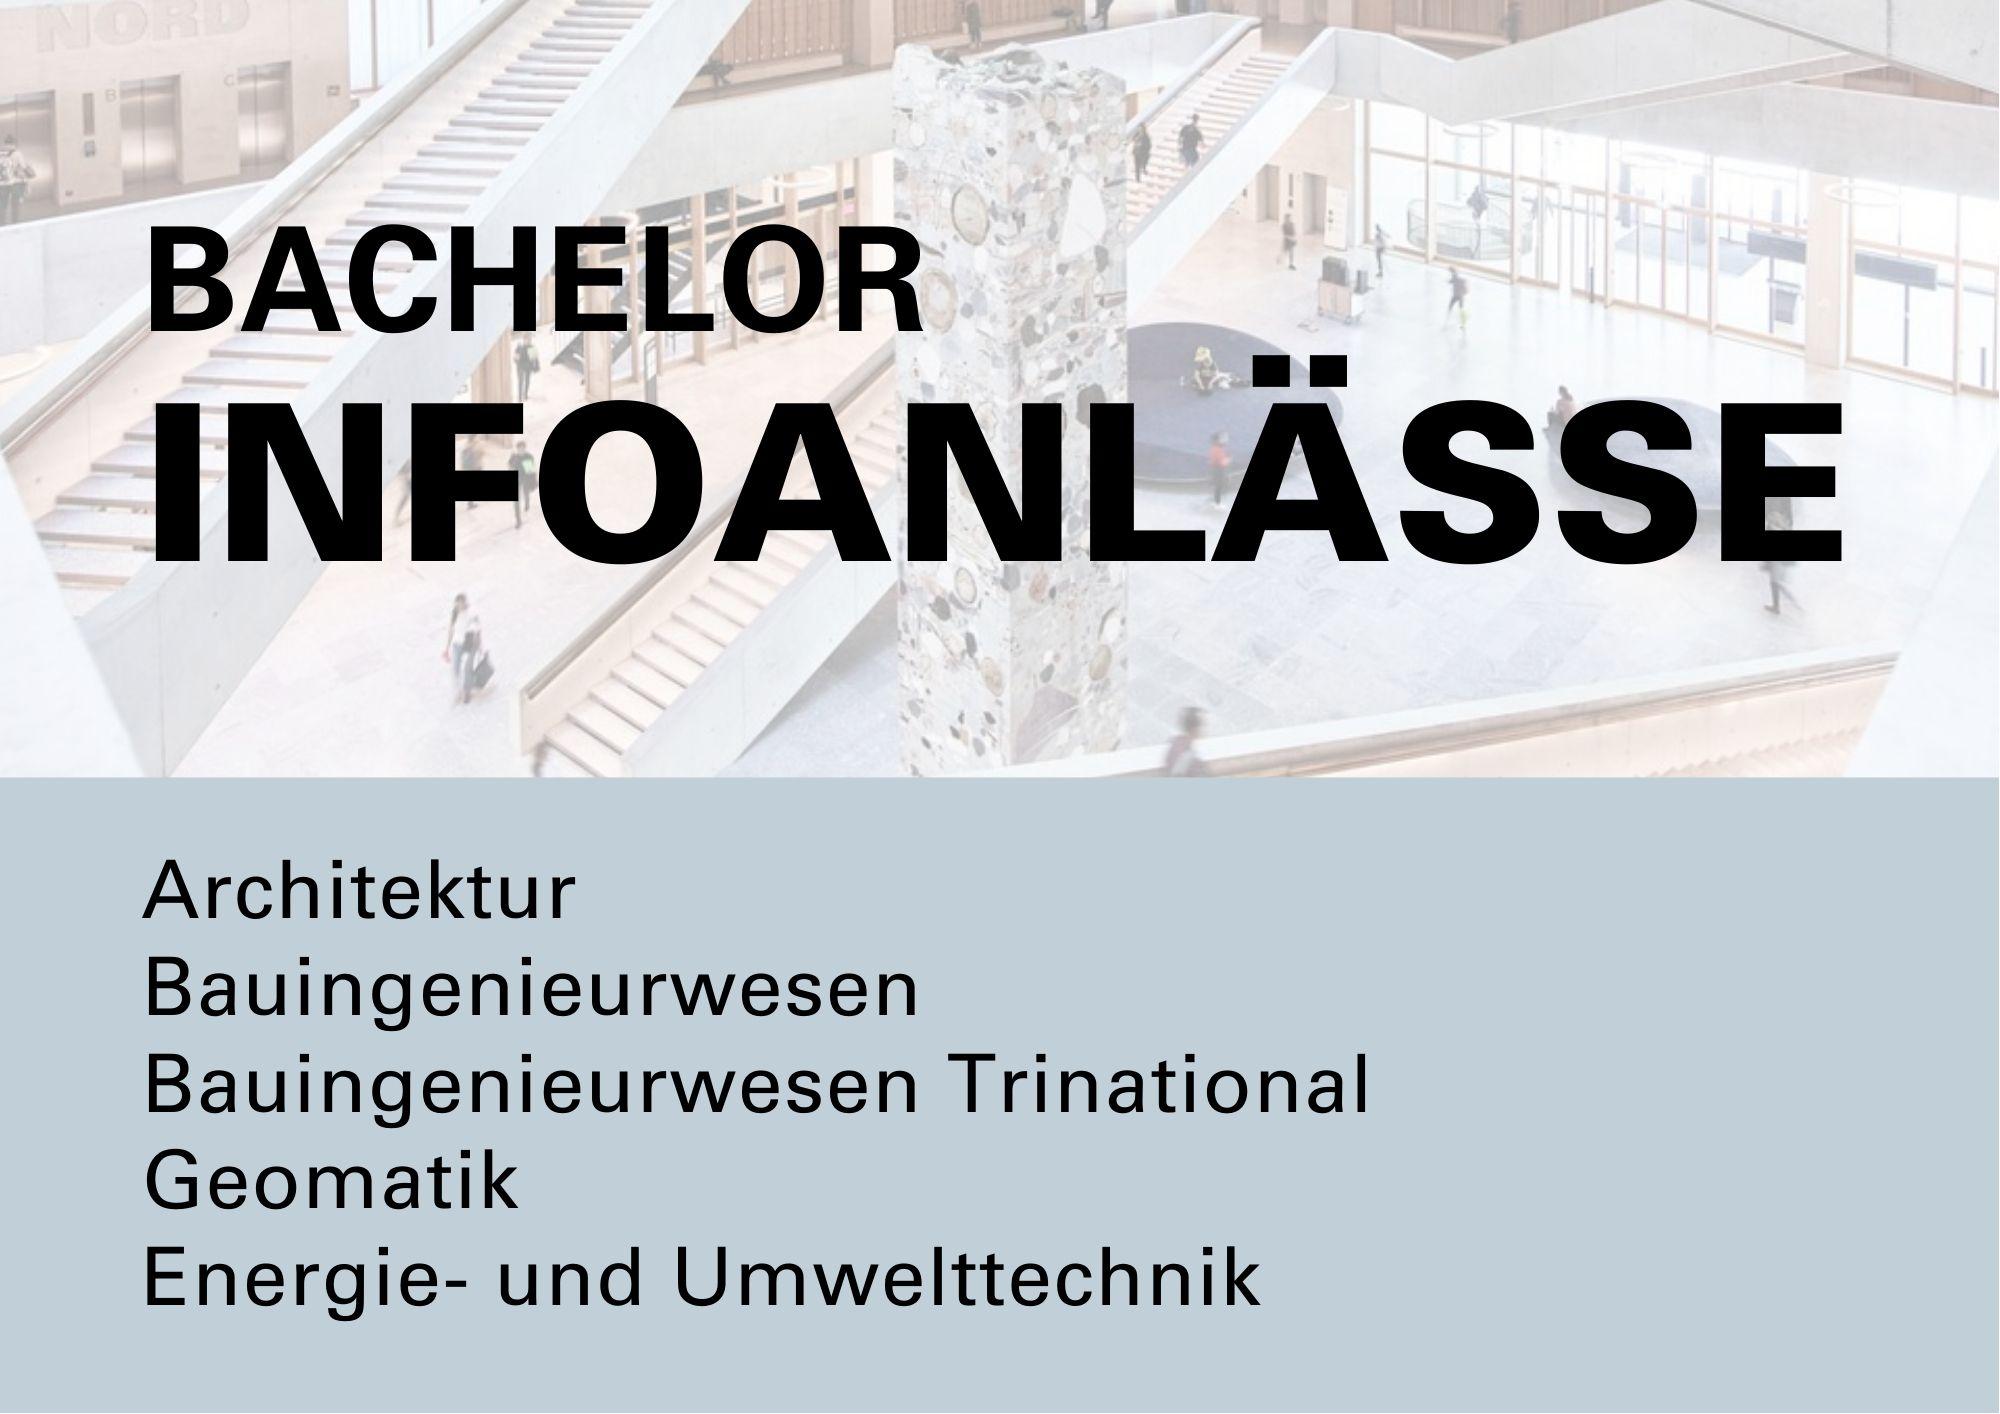 Infoanlass Bachelor Hochschule fuer Architektur, Bau und Geomatik FHNW